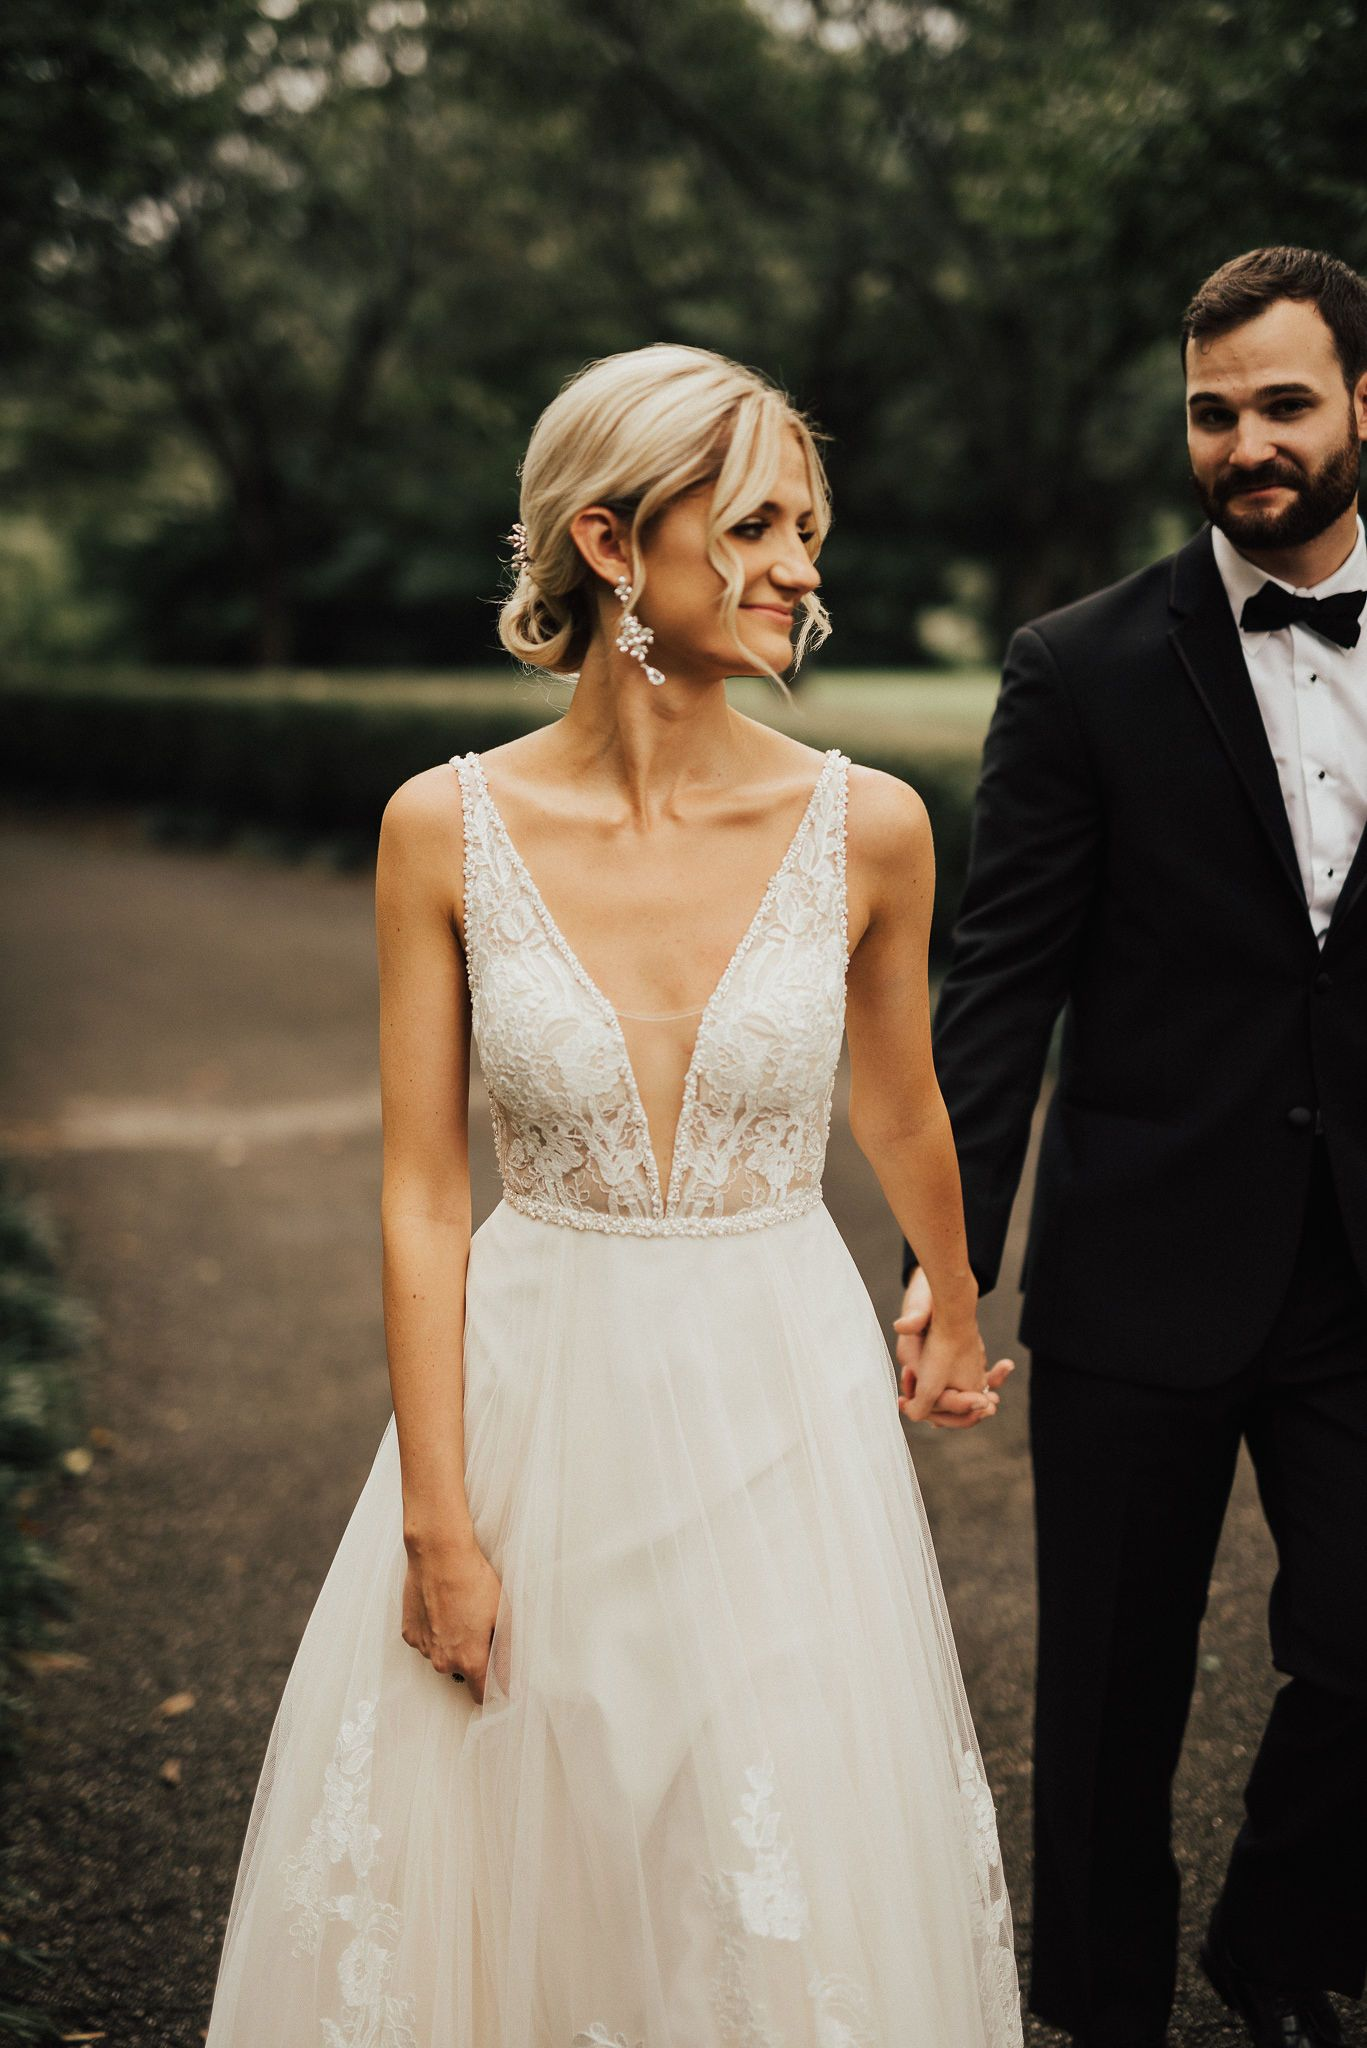 Paige Emily Hart Bridal Kansas City Wedding Dresses City Wedding Dress Wedding Dress Necklines Dream Wedding Dresses